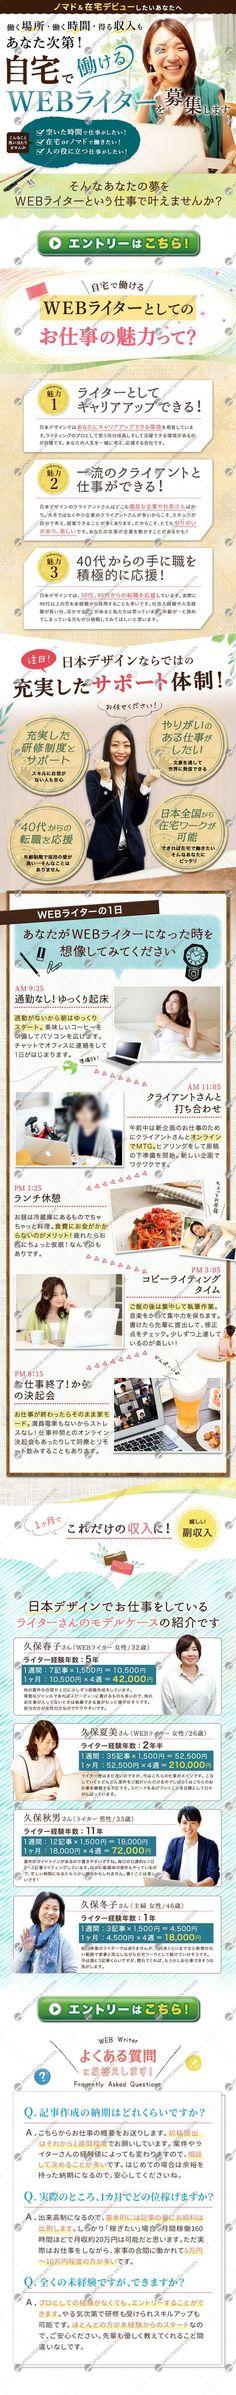 日本デザインスクール中級編8期作品 WEBライター募集LPを制作しました! #ランディングページ #LP #ライター募集 #ランディングページデザイン #WEBデザイン#日本デザインスクール School Design, Web Design, Design Web, Website Designs, Site Design